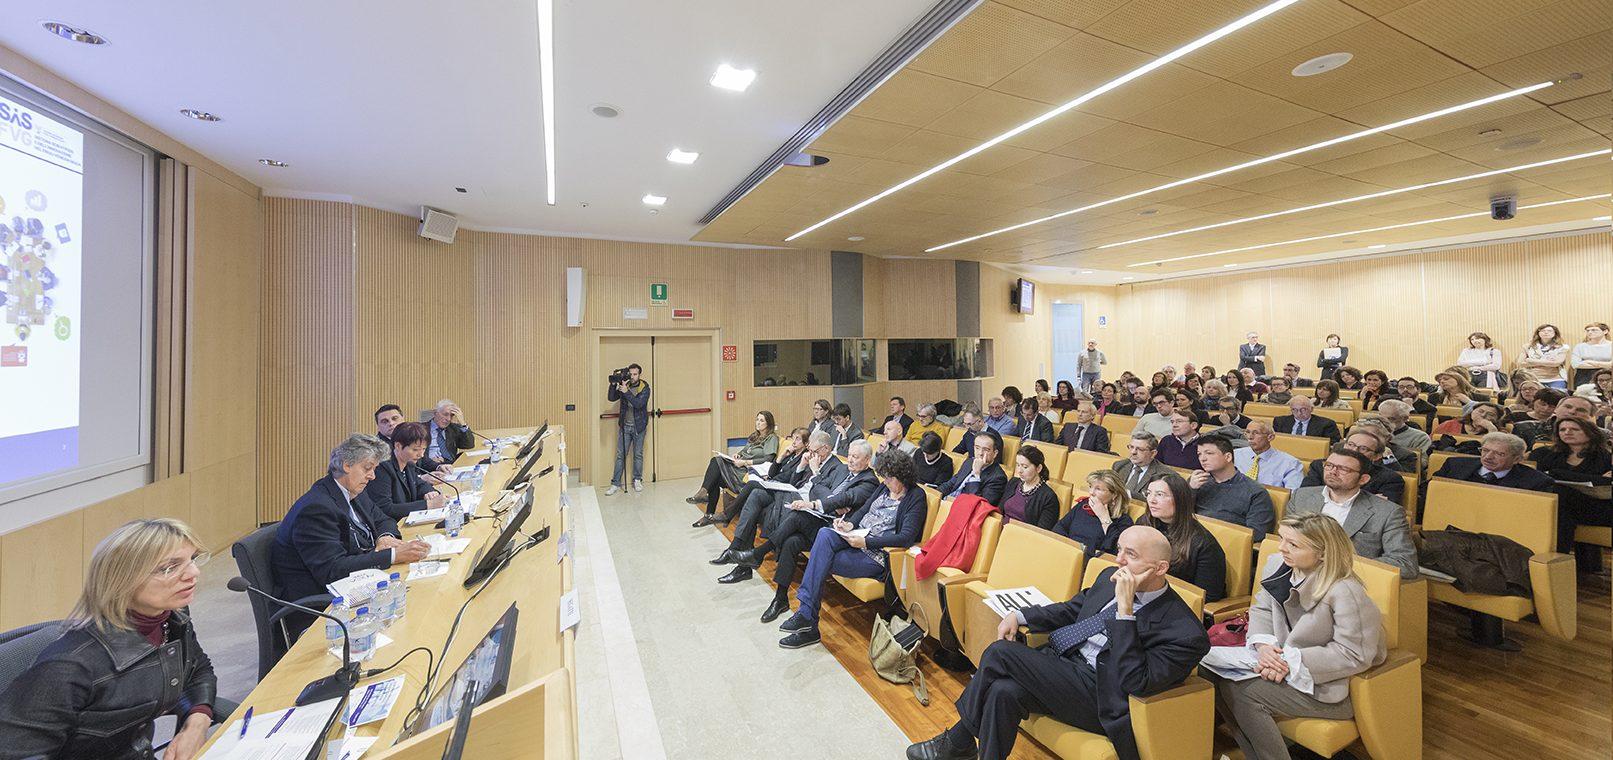 Presentati gli obiettivi e i progetti principali del SIS FVG – Sistema Scientifico e dell'Innovazione del Friuli Venezia Giulia